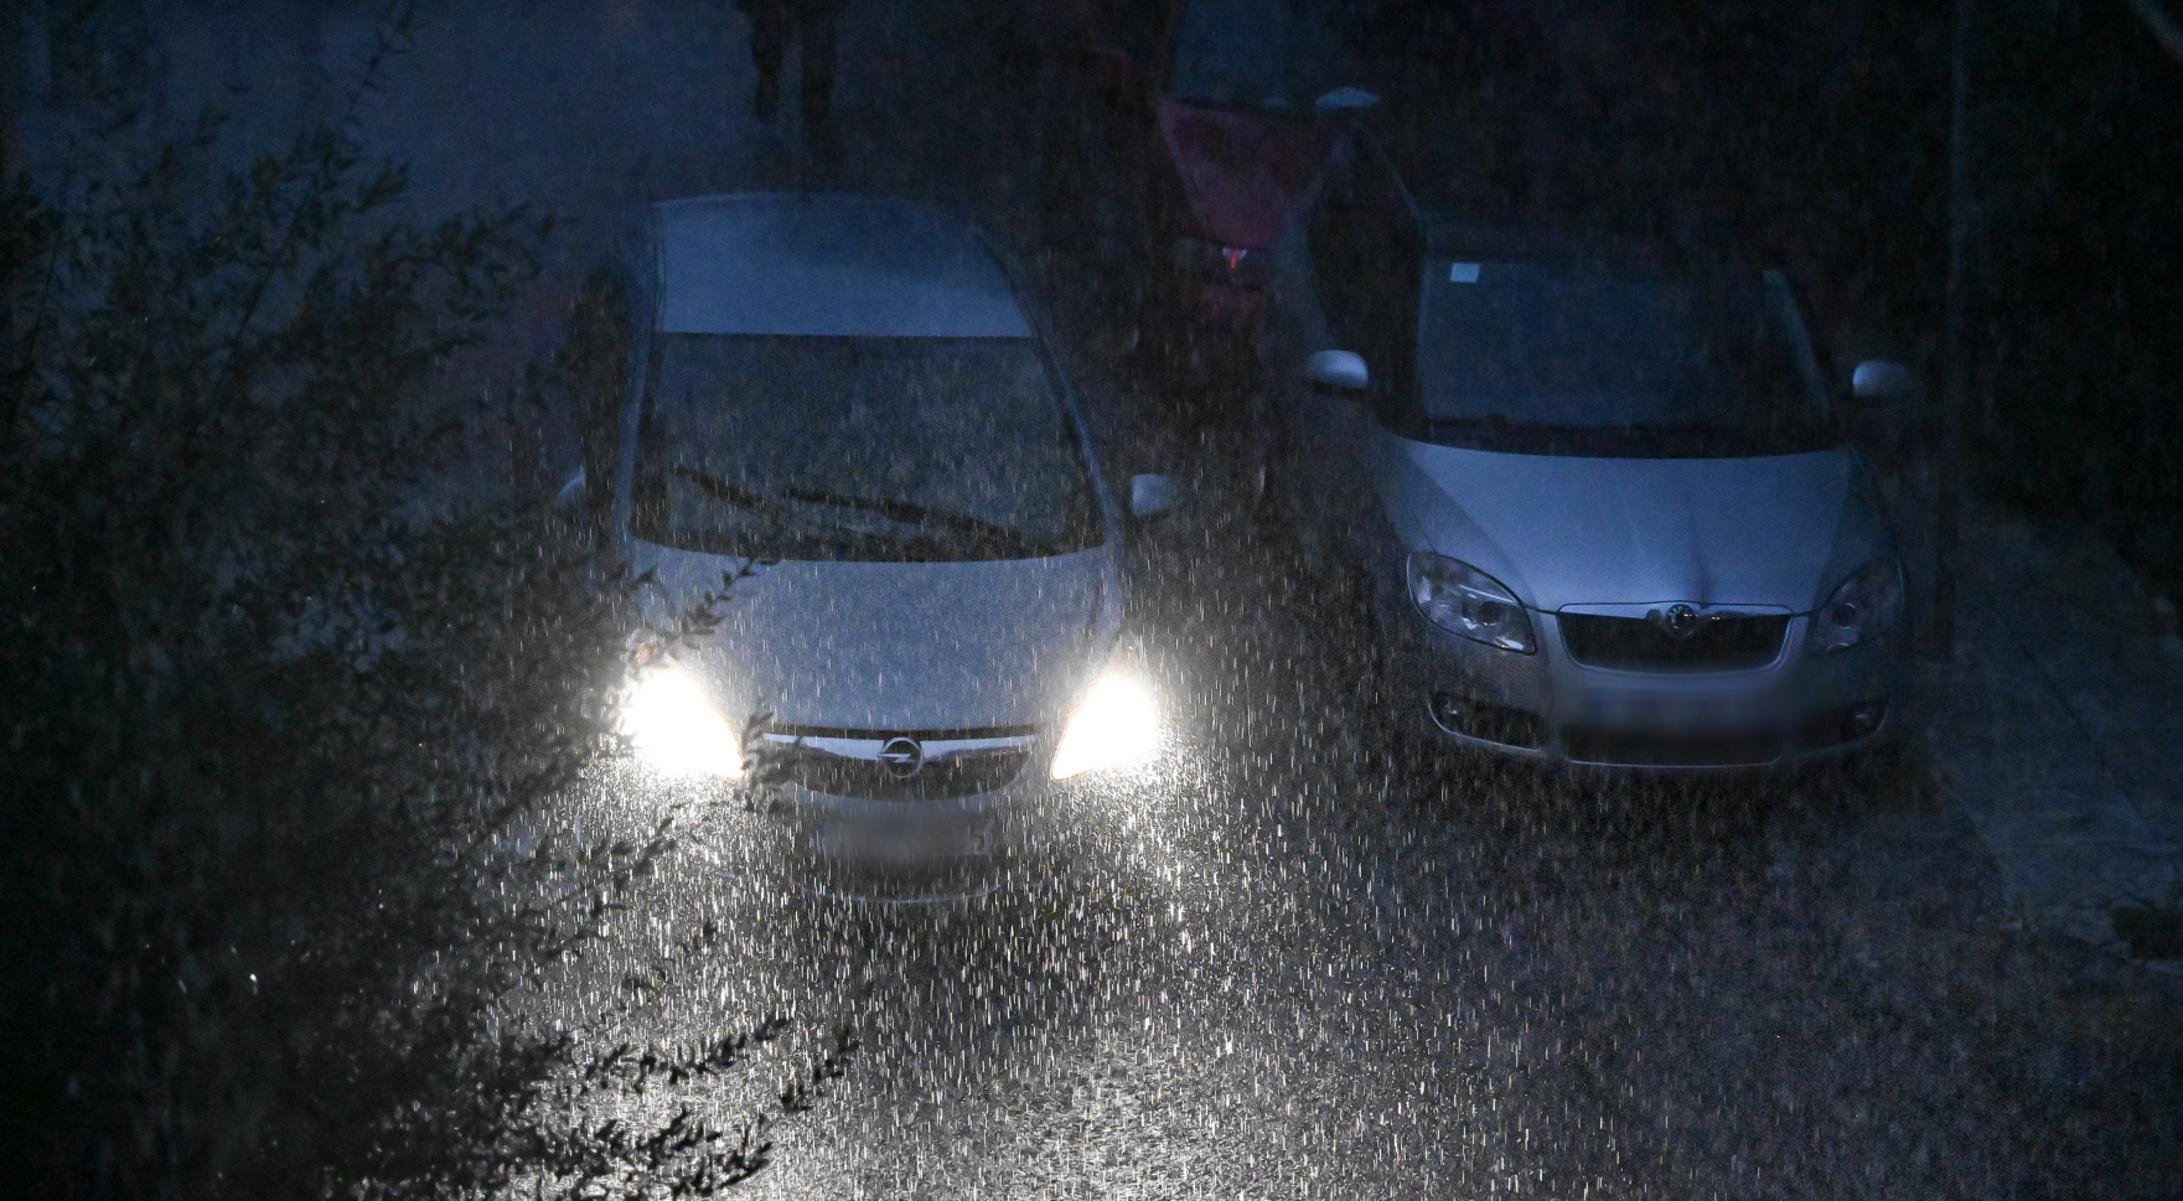 Καιρός αύριο: Βροχές και καταιγίδες – Αναλυτική πρόγνωση